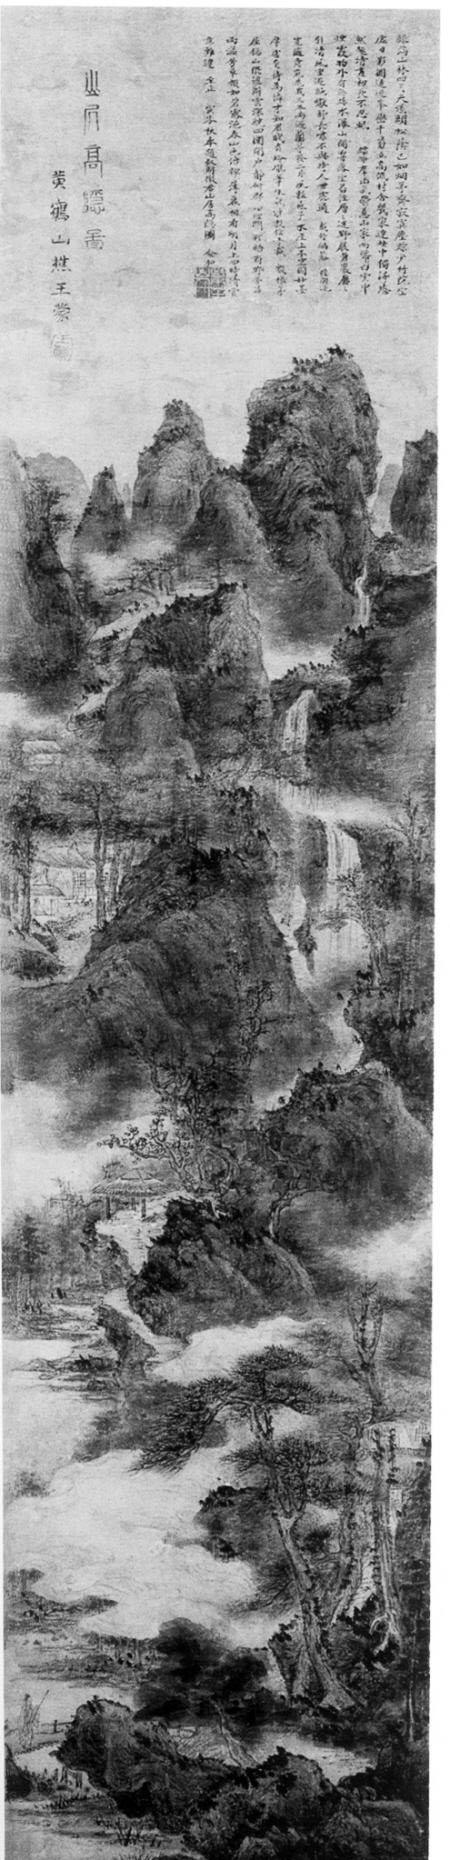 王蒙与创作《富春山居图》的元代著名画家黄公望齐名图片